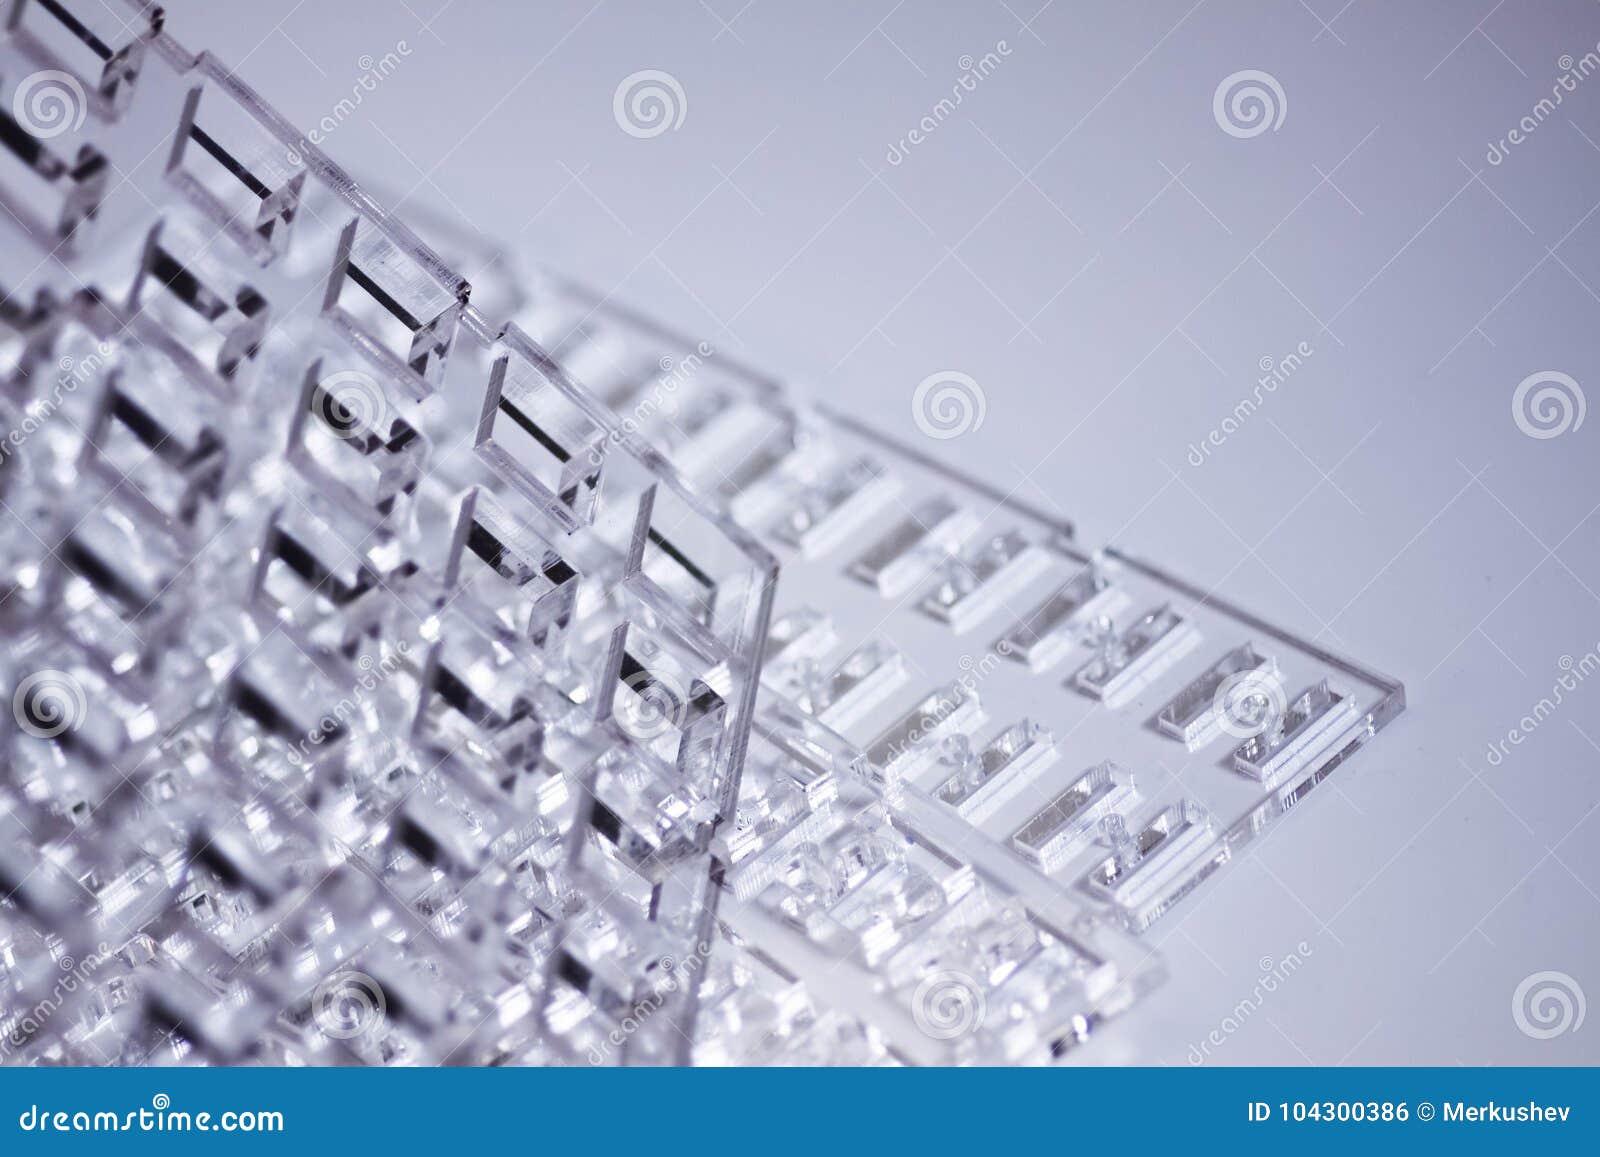 Fondo de alta tecnología abstracto Una hoja del plástico o del vidrio transparente con los agujeros cortados Corte del laser de